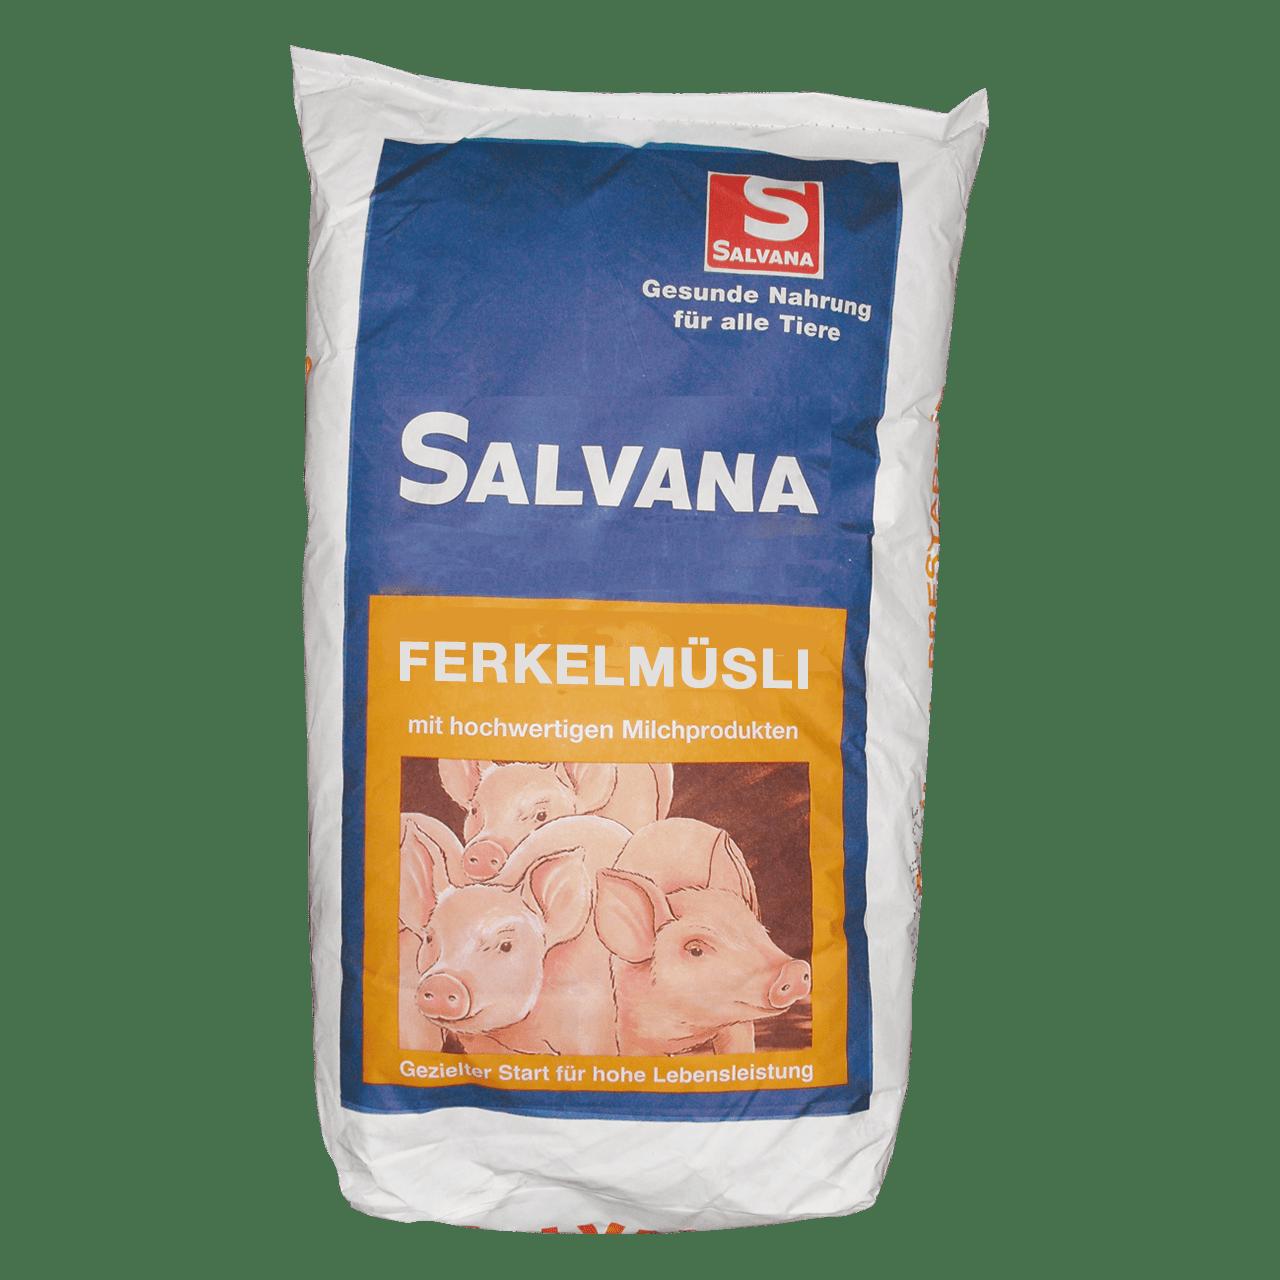 SALVANA Ferkelmüsli